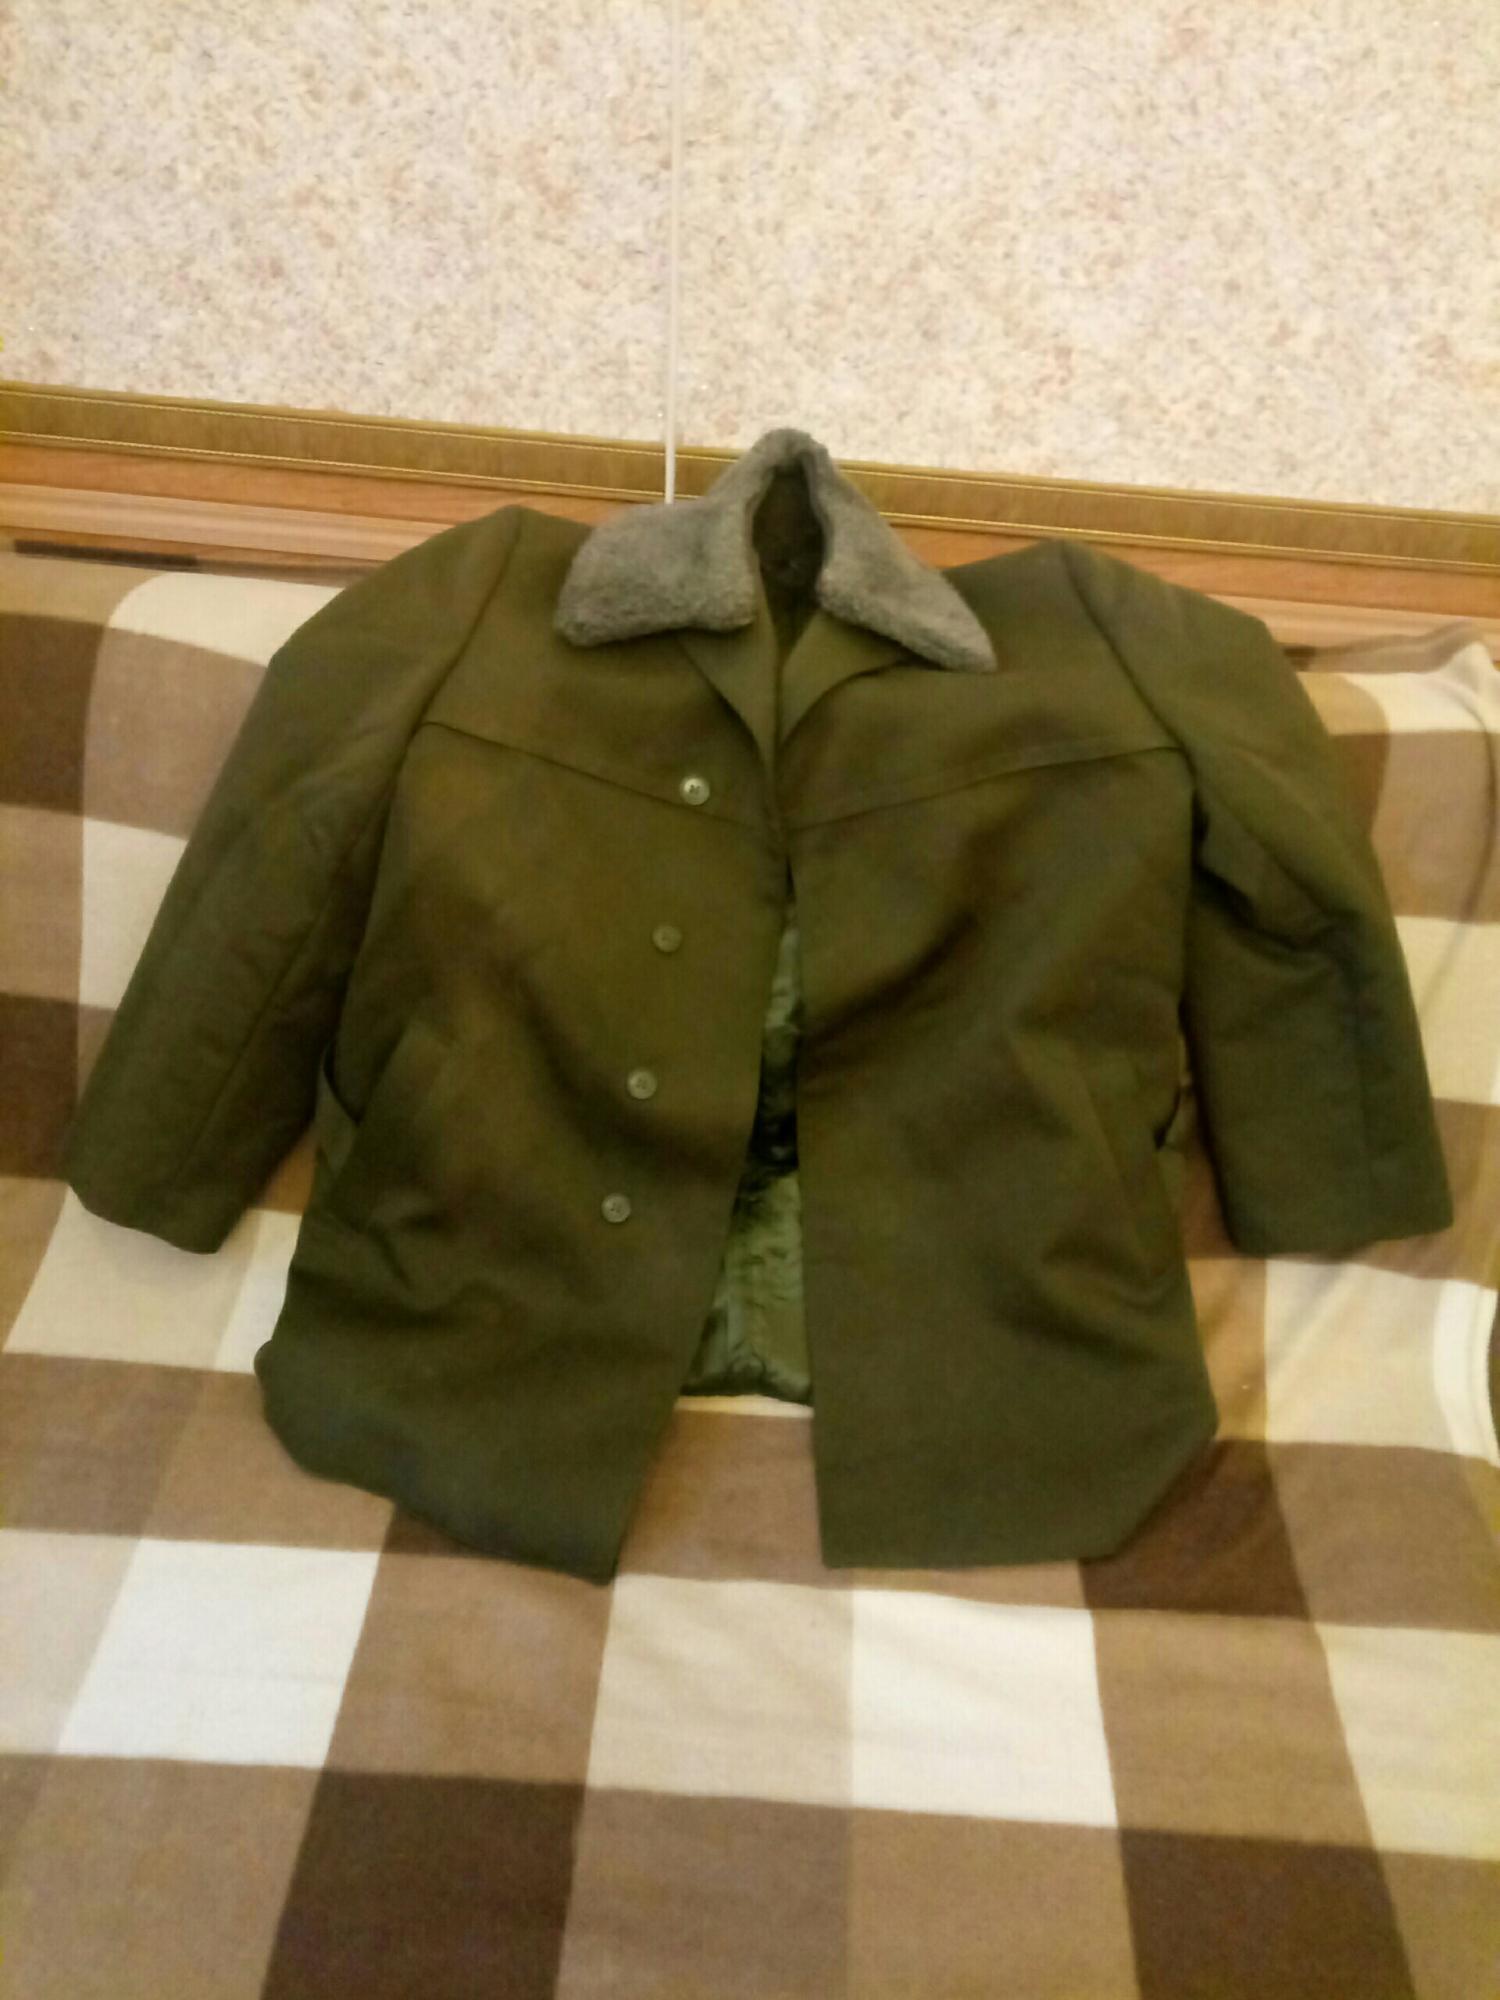 Куртка (полупальто) зимняя военная в Троицке 89055886677 купить 1